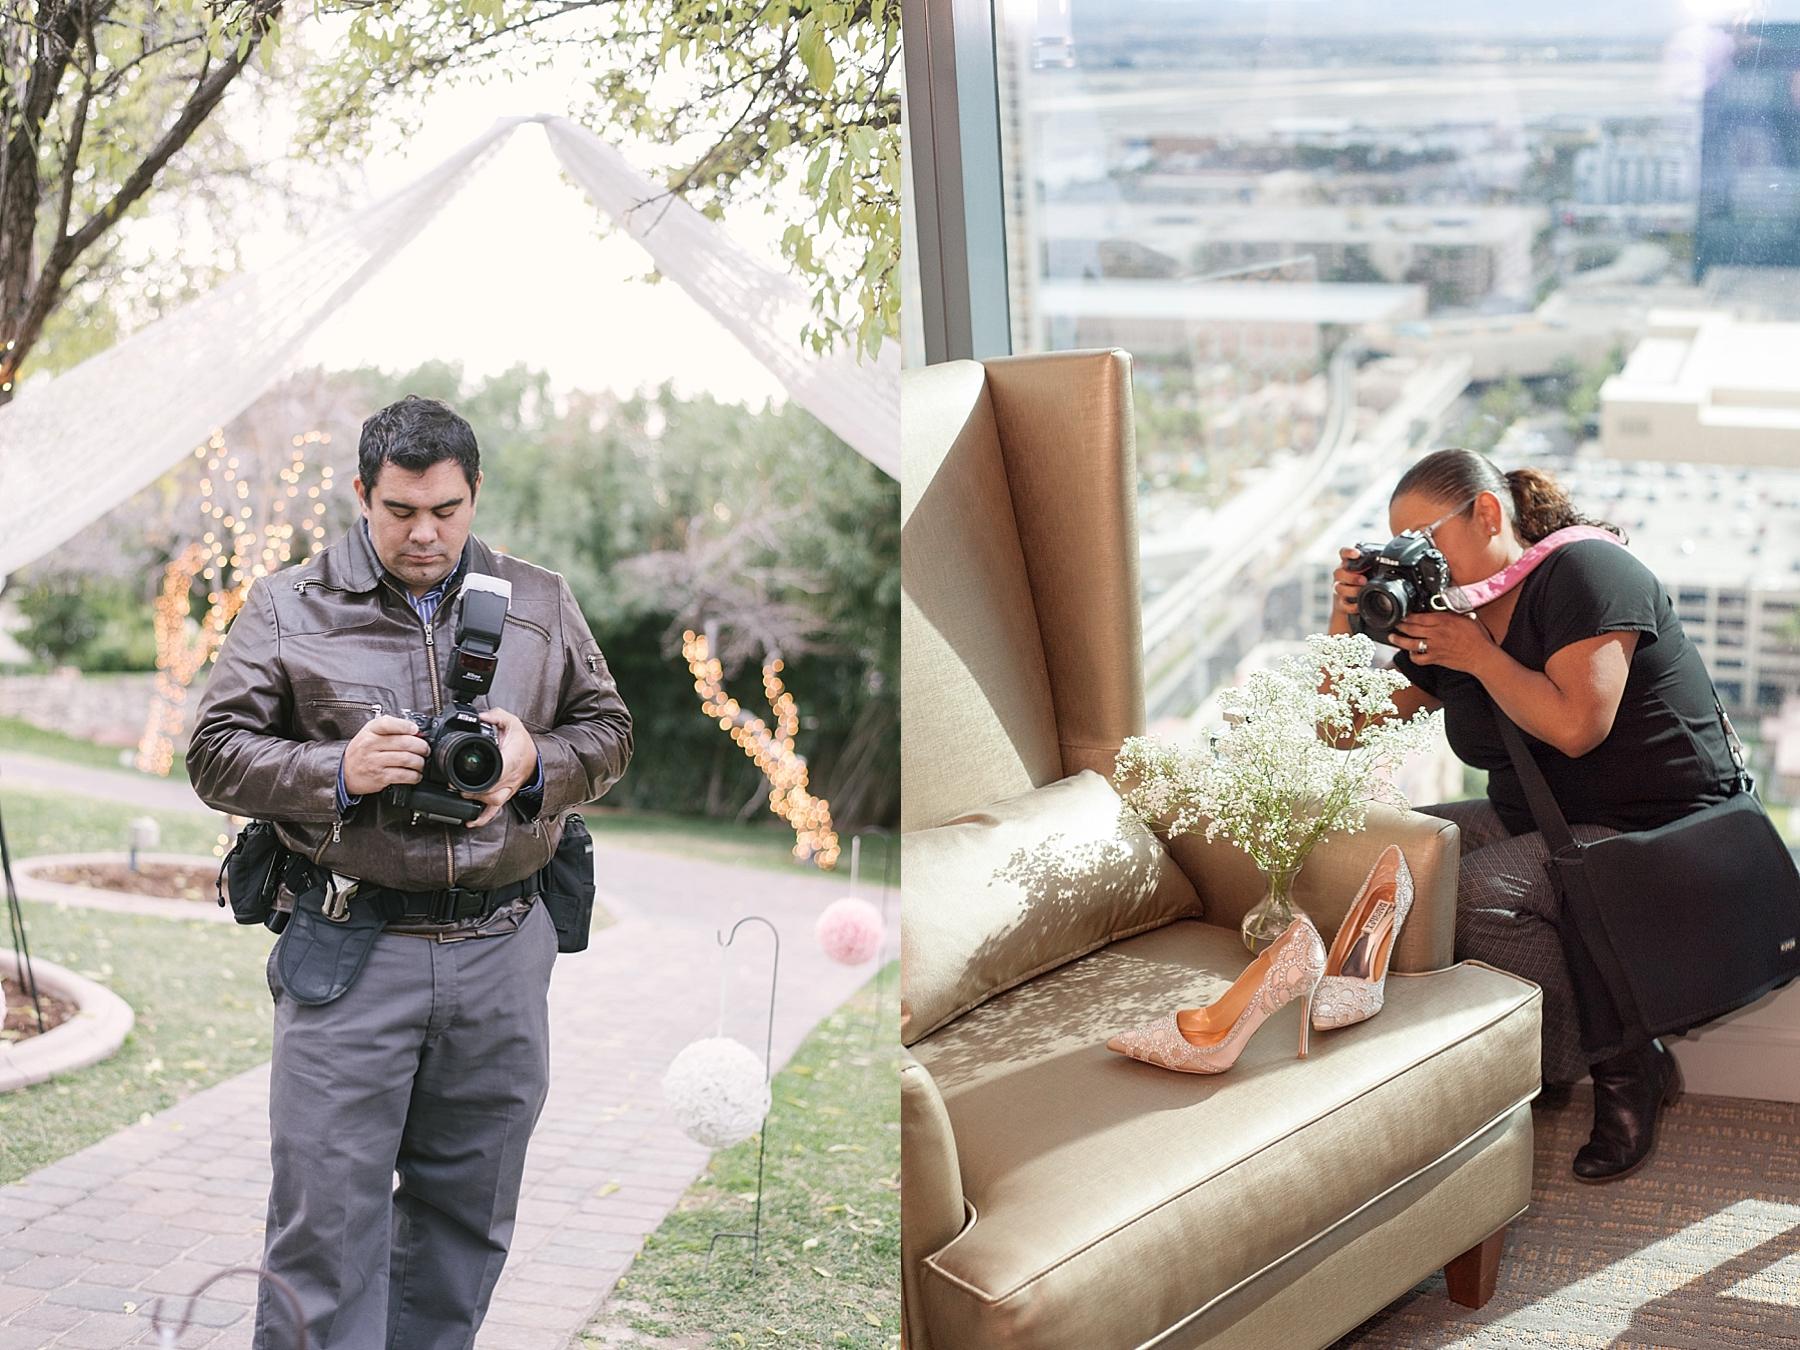 las_vegas_wedding_photographers_behind_the_scenes-01-3.jpg